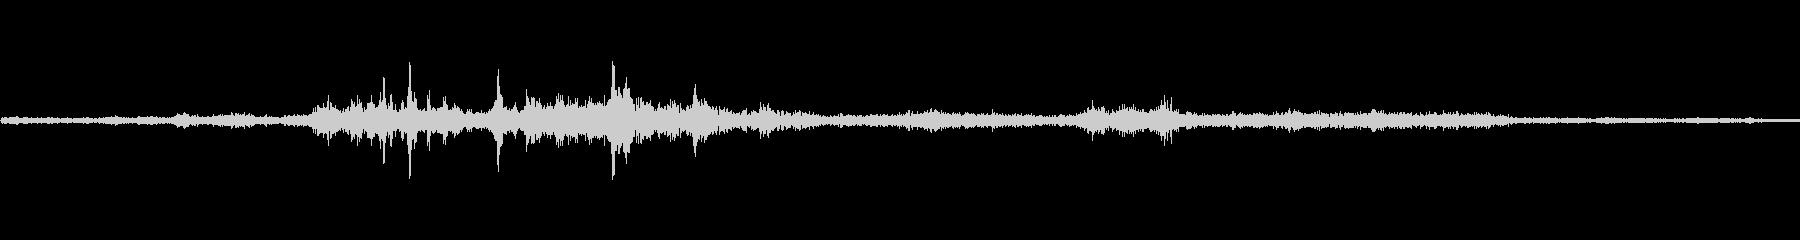 バイノーラル録音戦闘機4の未再生の波形